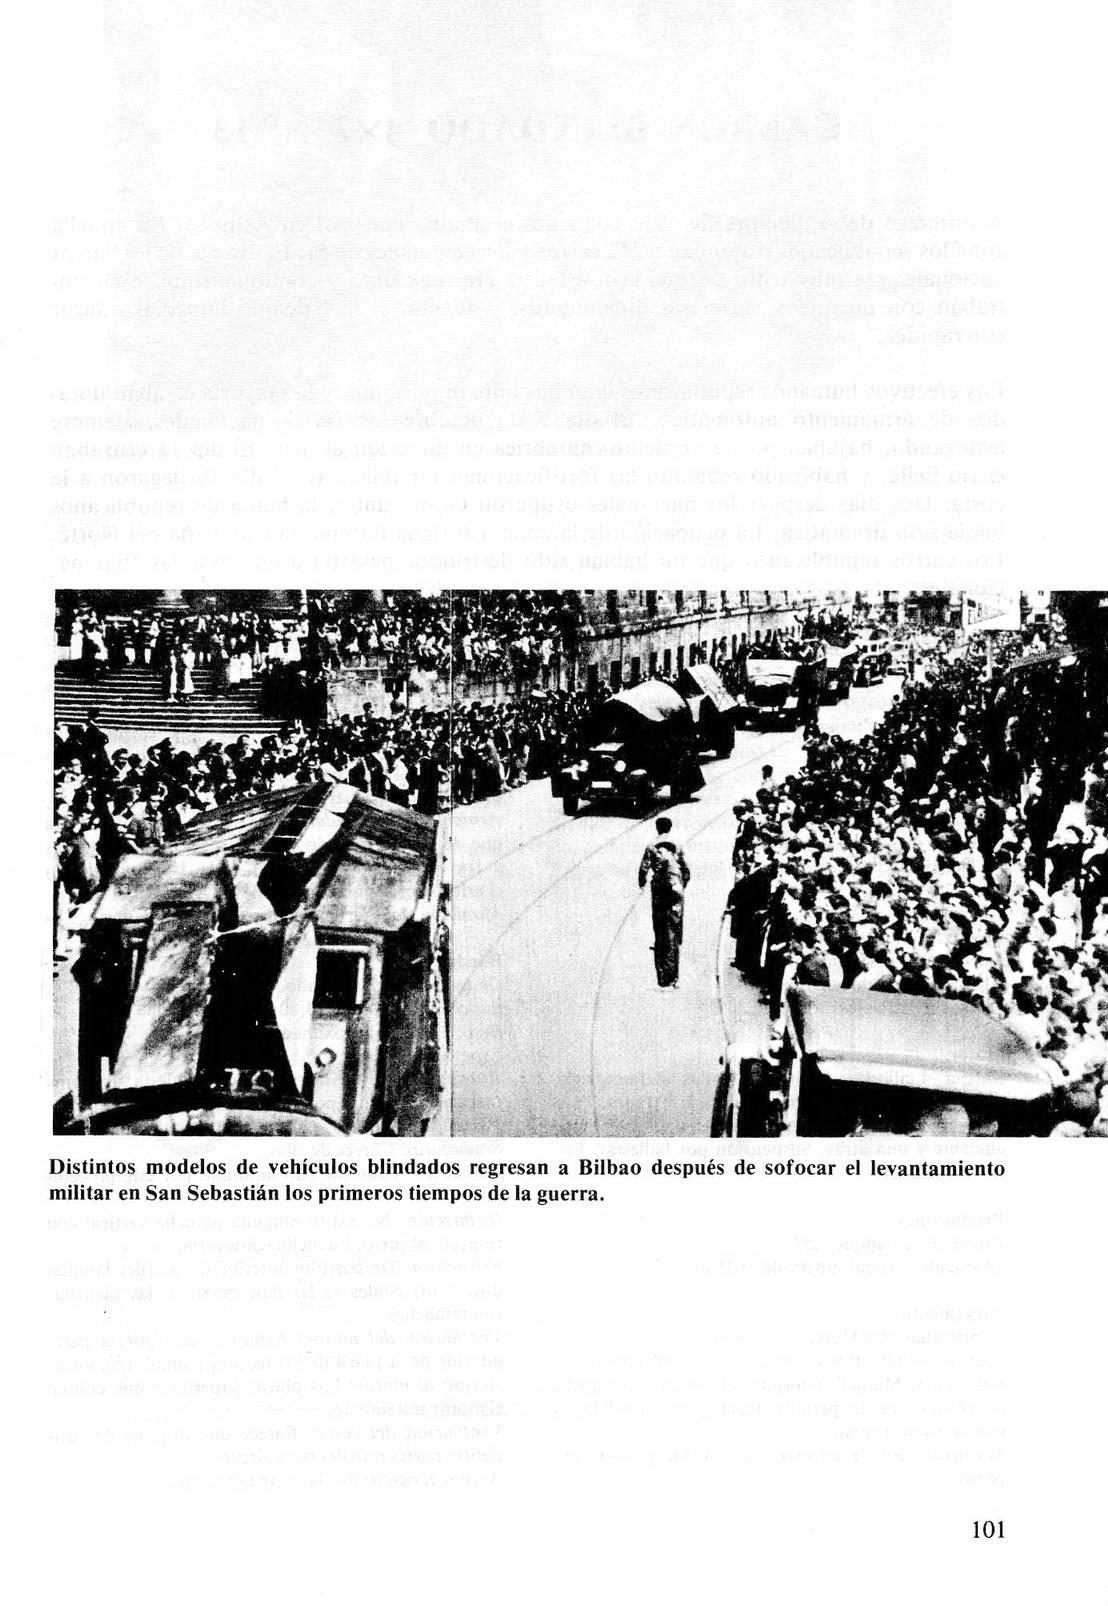 Carros De Combate Y Vehiculos Blindados De La Guerra 1936 1939 [F.C.Albert 1980]_Страница_099.jpg